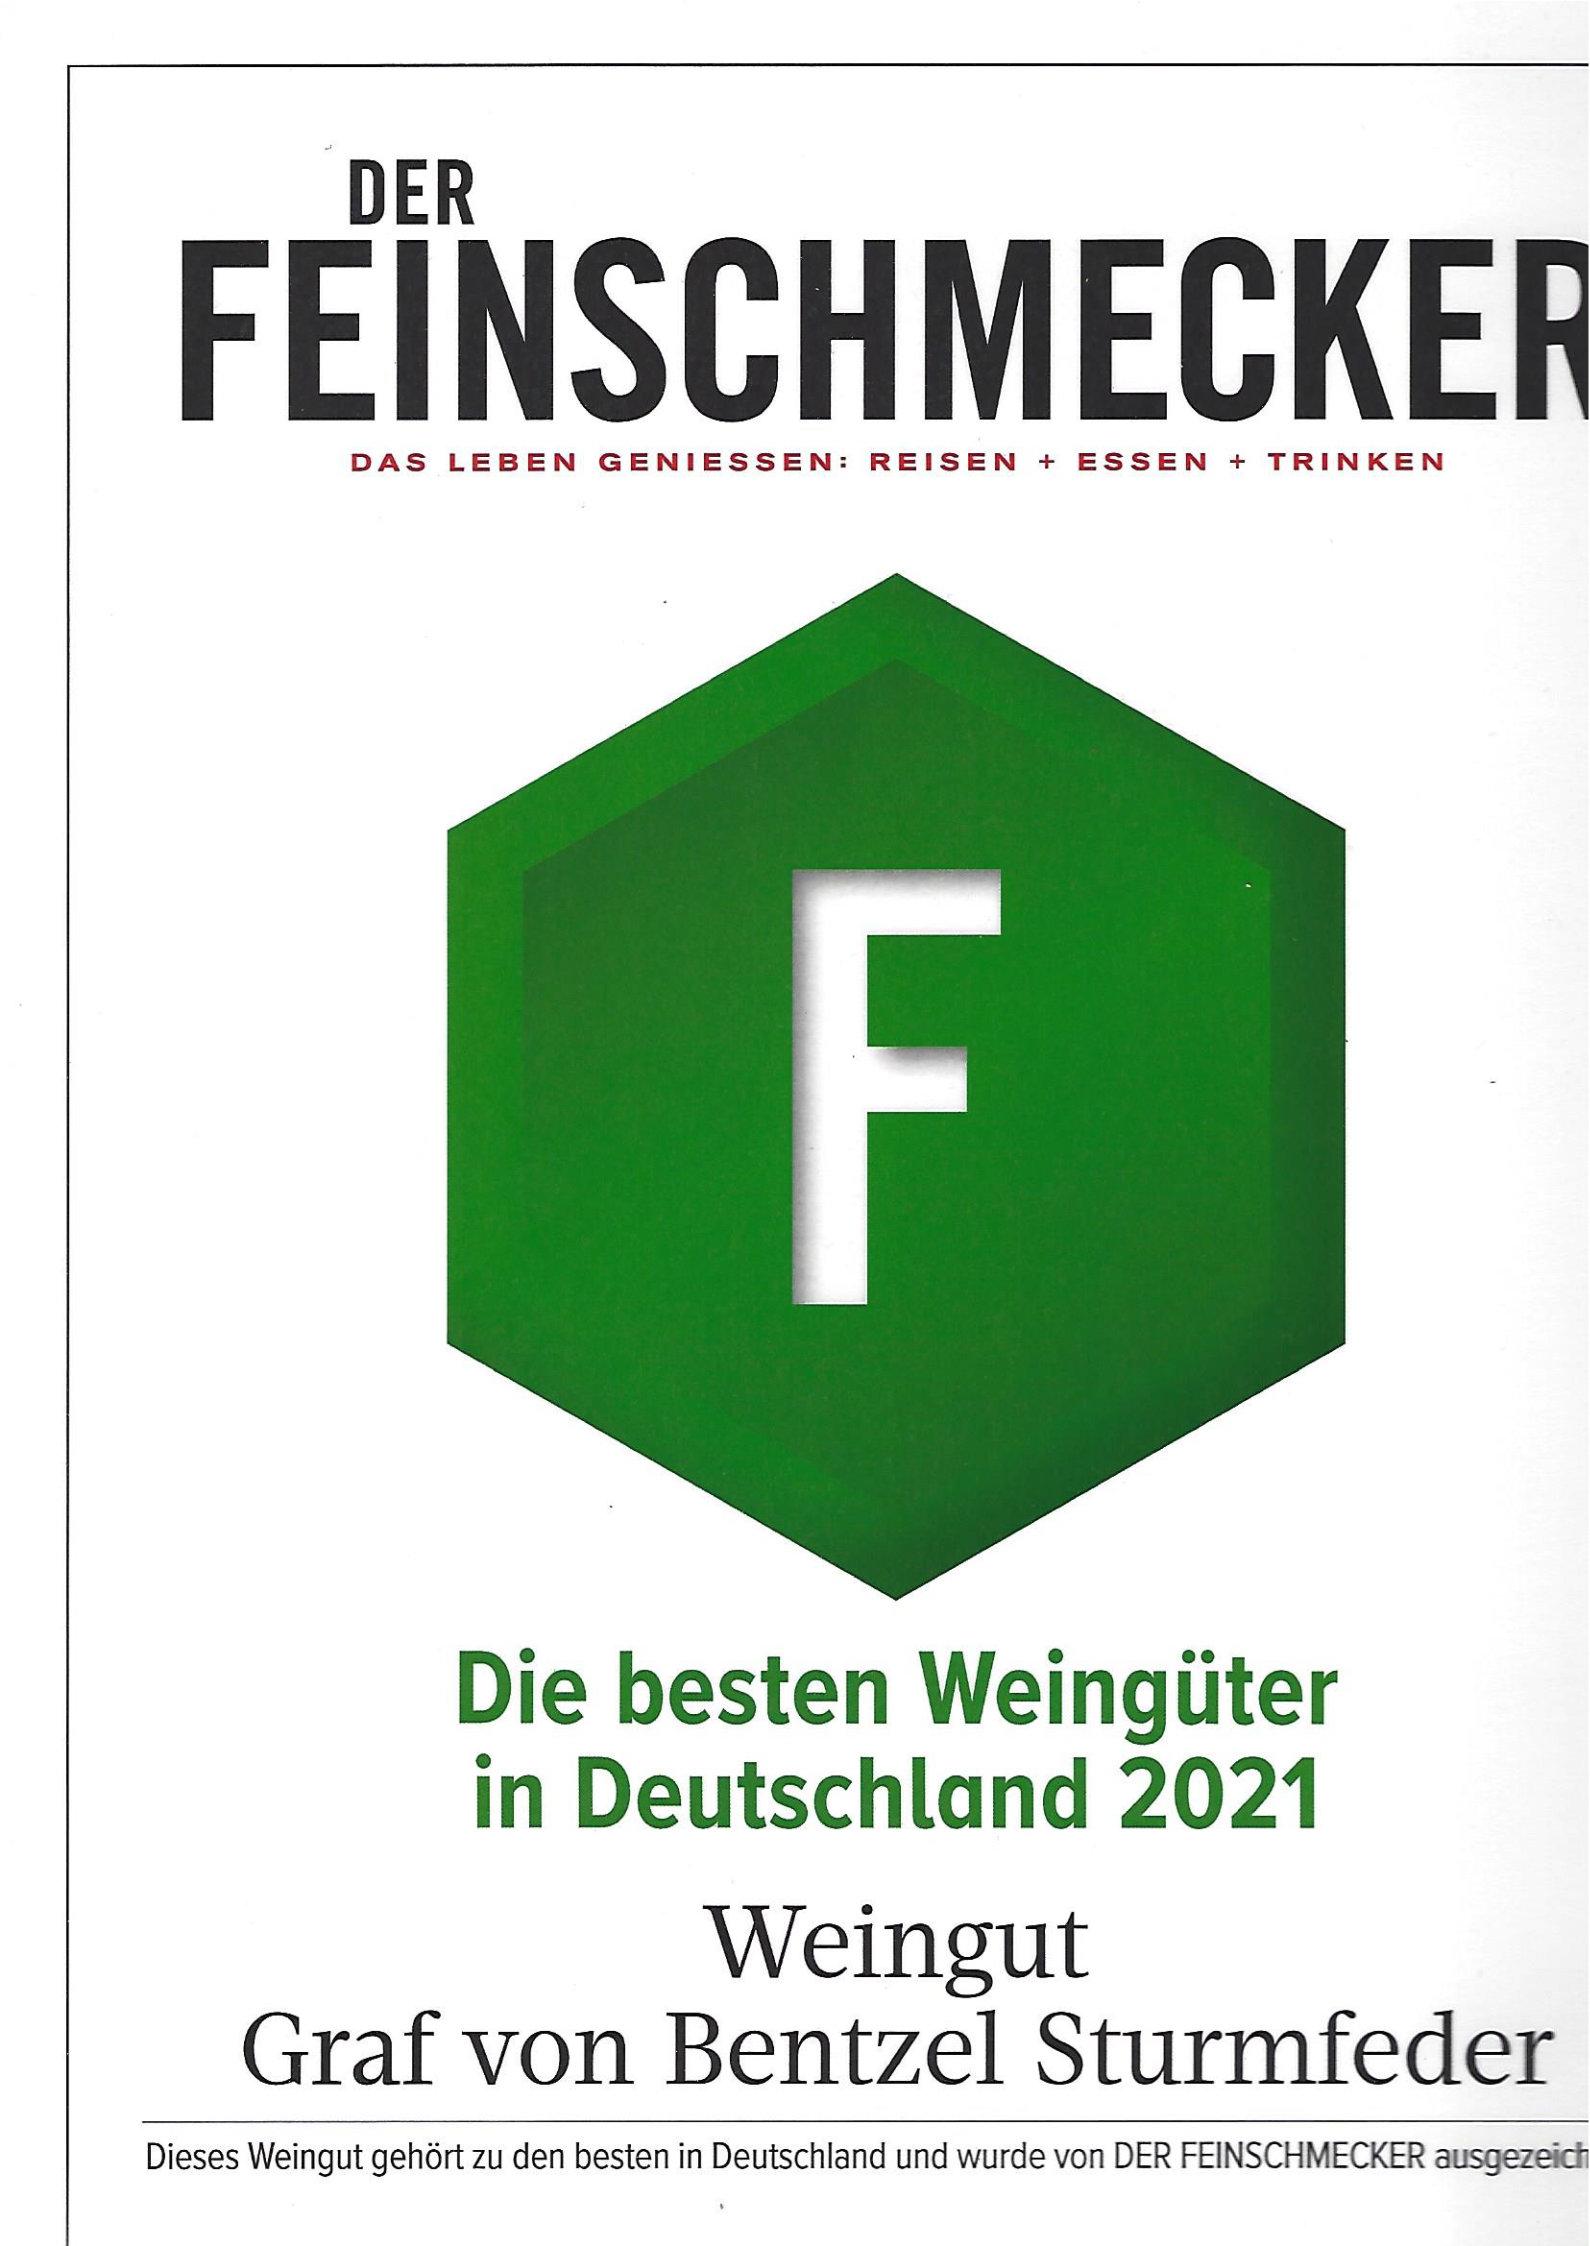 Die besten Weingüter in Deutschland 2021